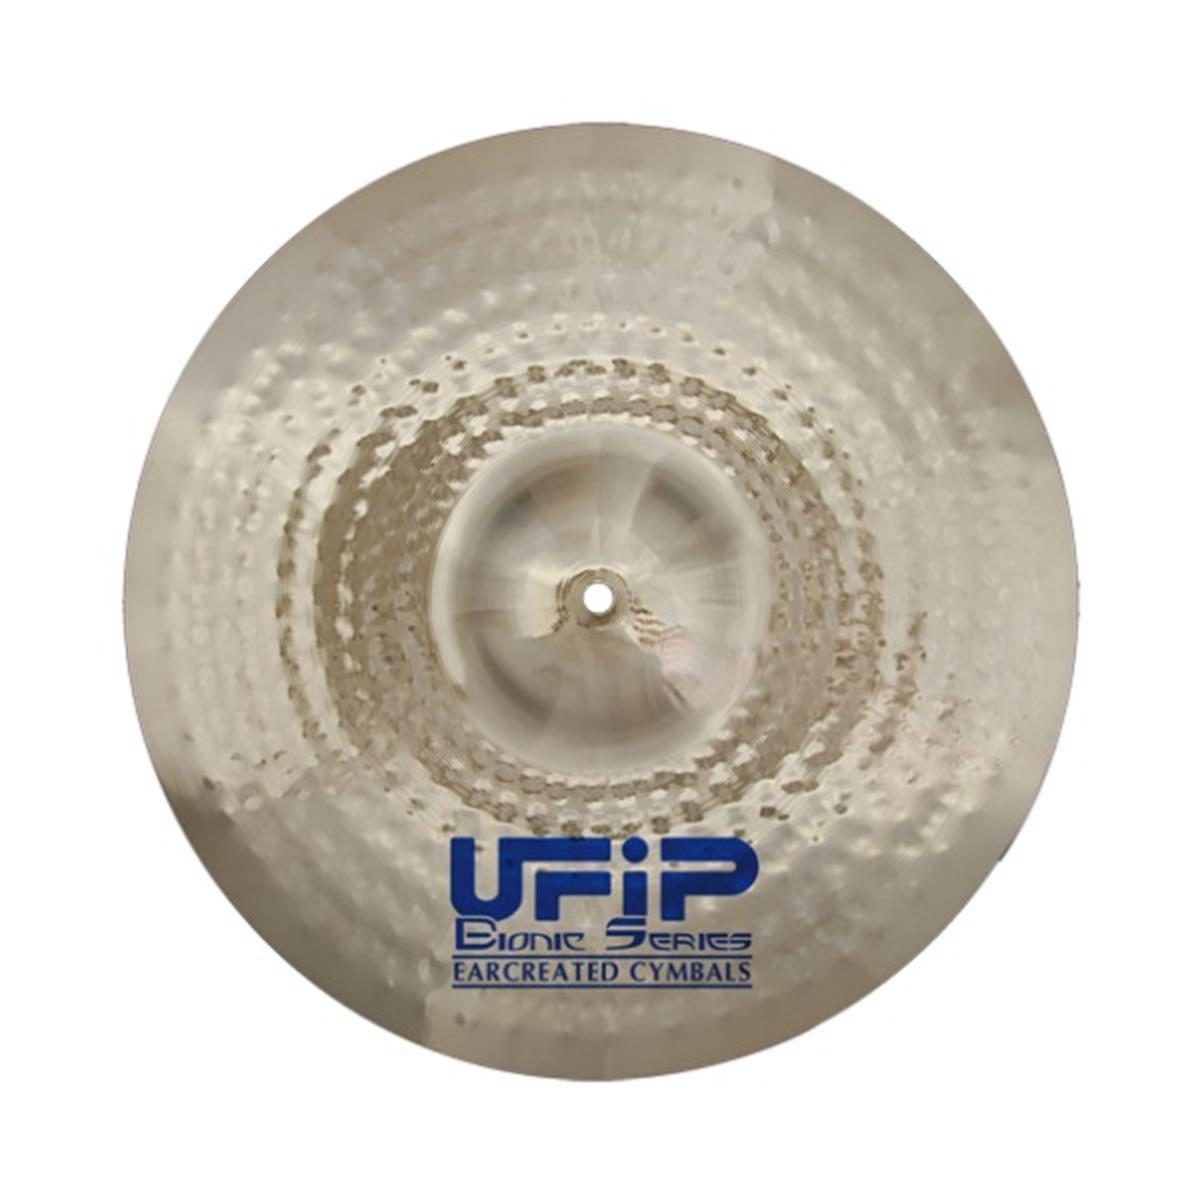 UFIP-BIONIC-CRASH-17-sku-3290